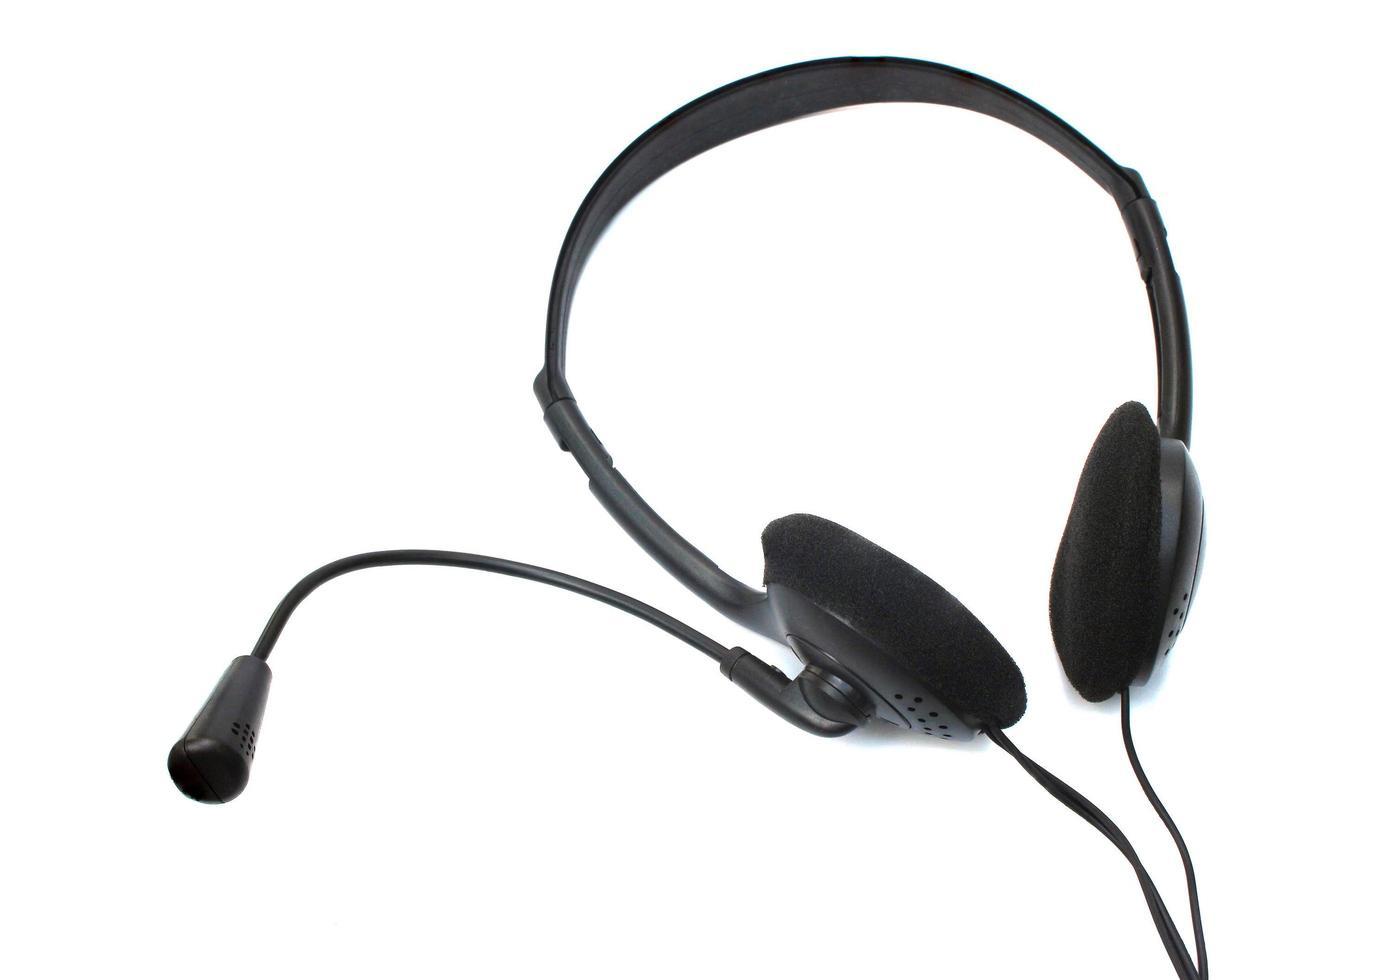 schwarzes Headset auf weiß foto